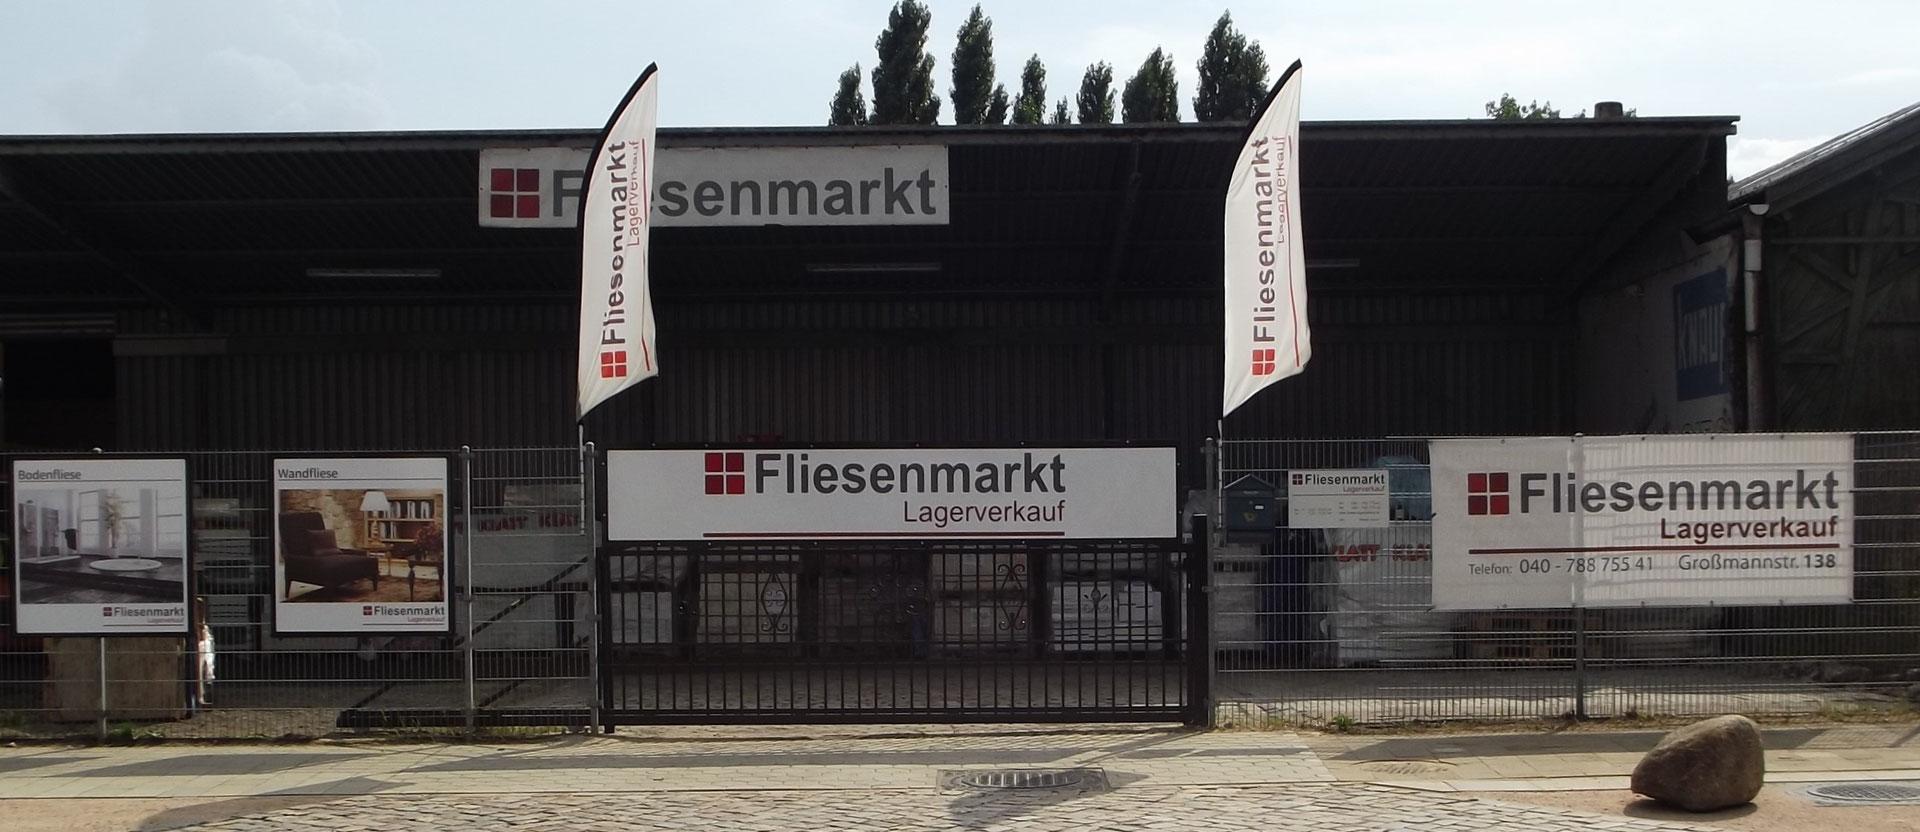 Home Fliesenmarkt Lagerverkauf Hamburg